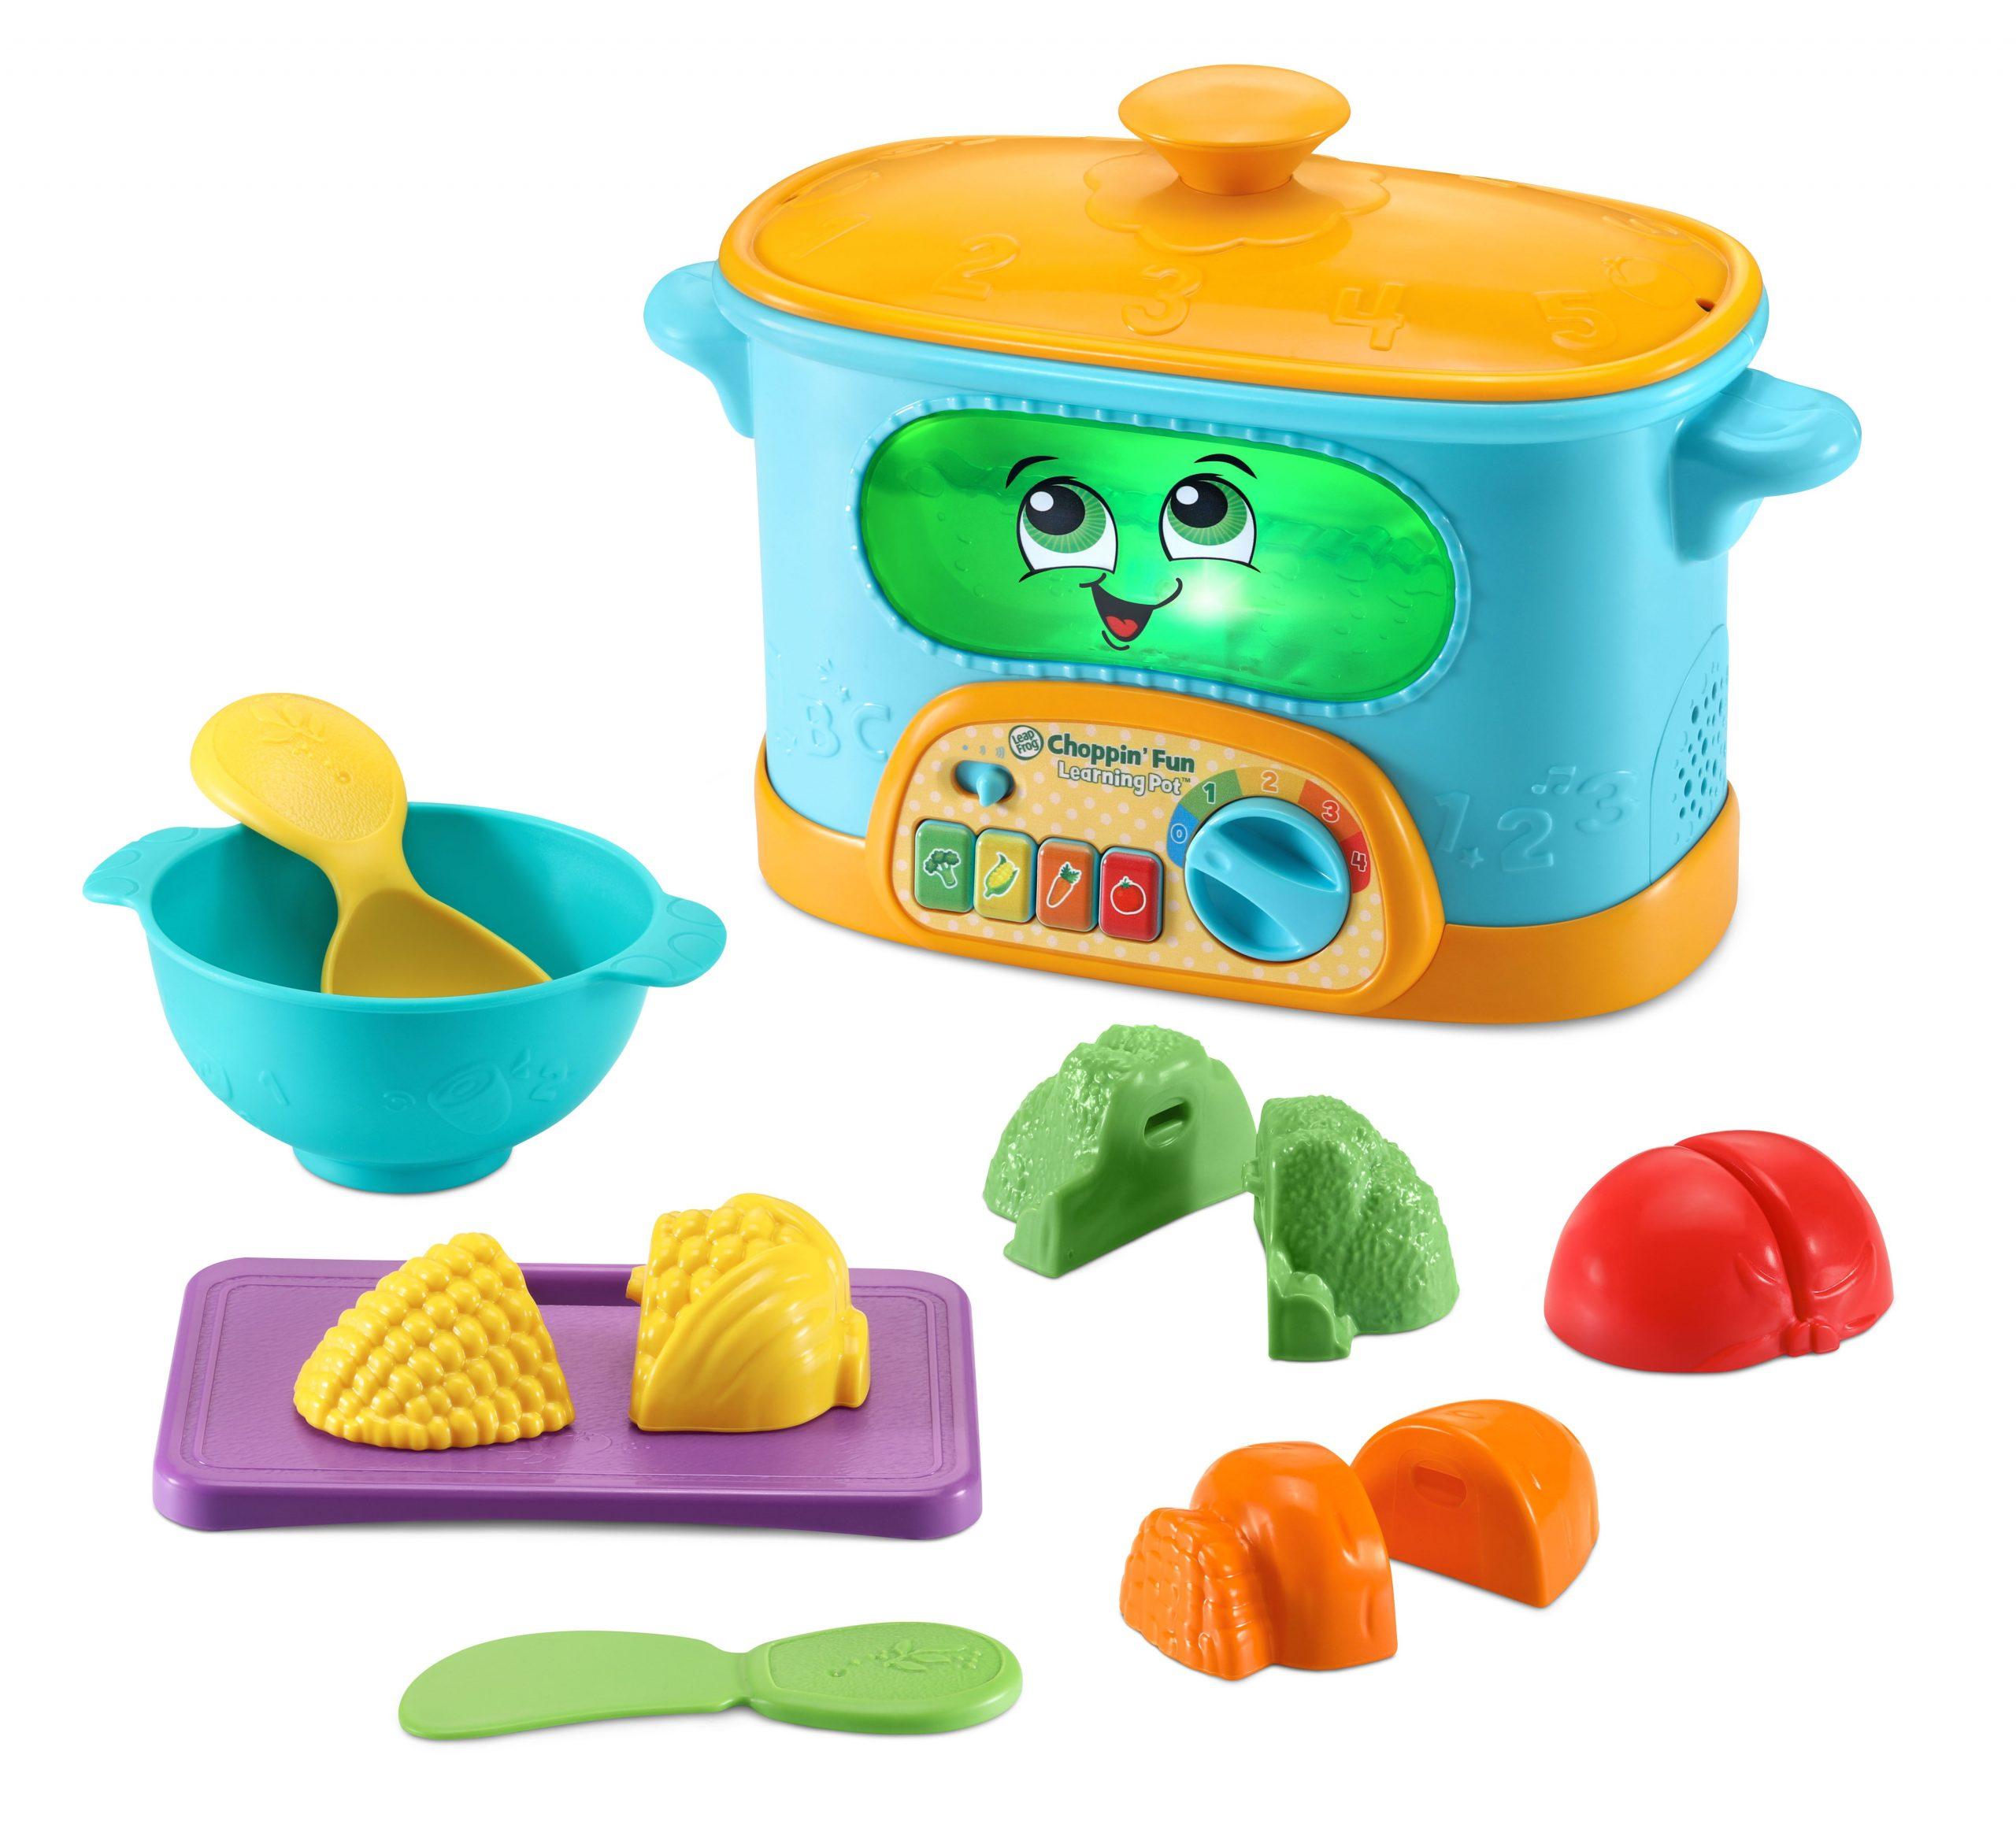 Choppin' Fun Learning Pot™